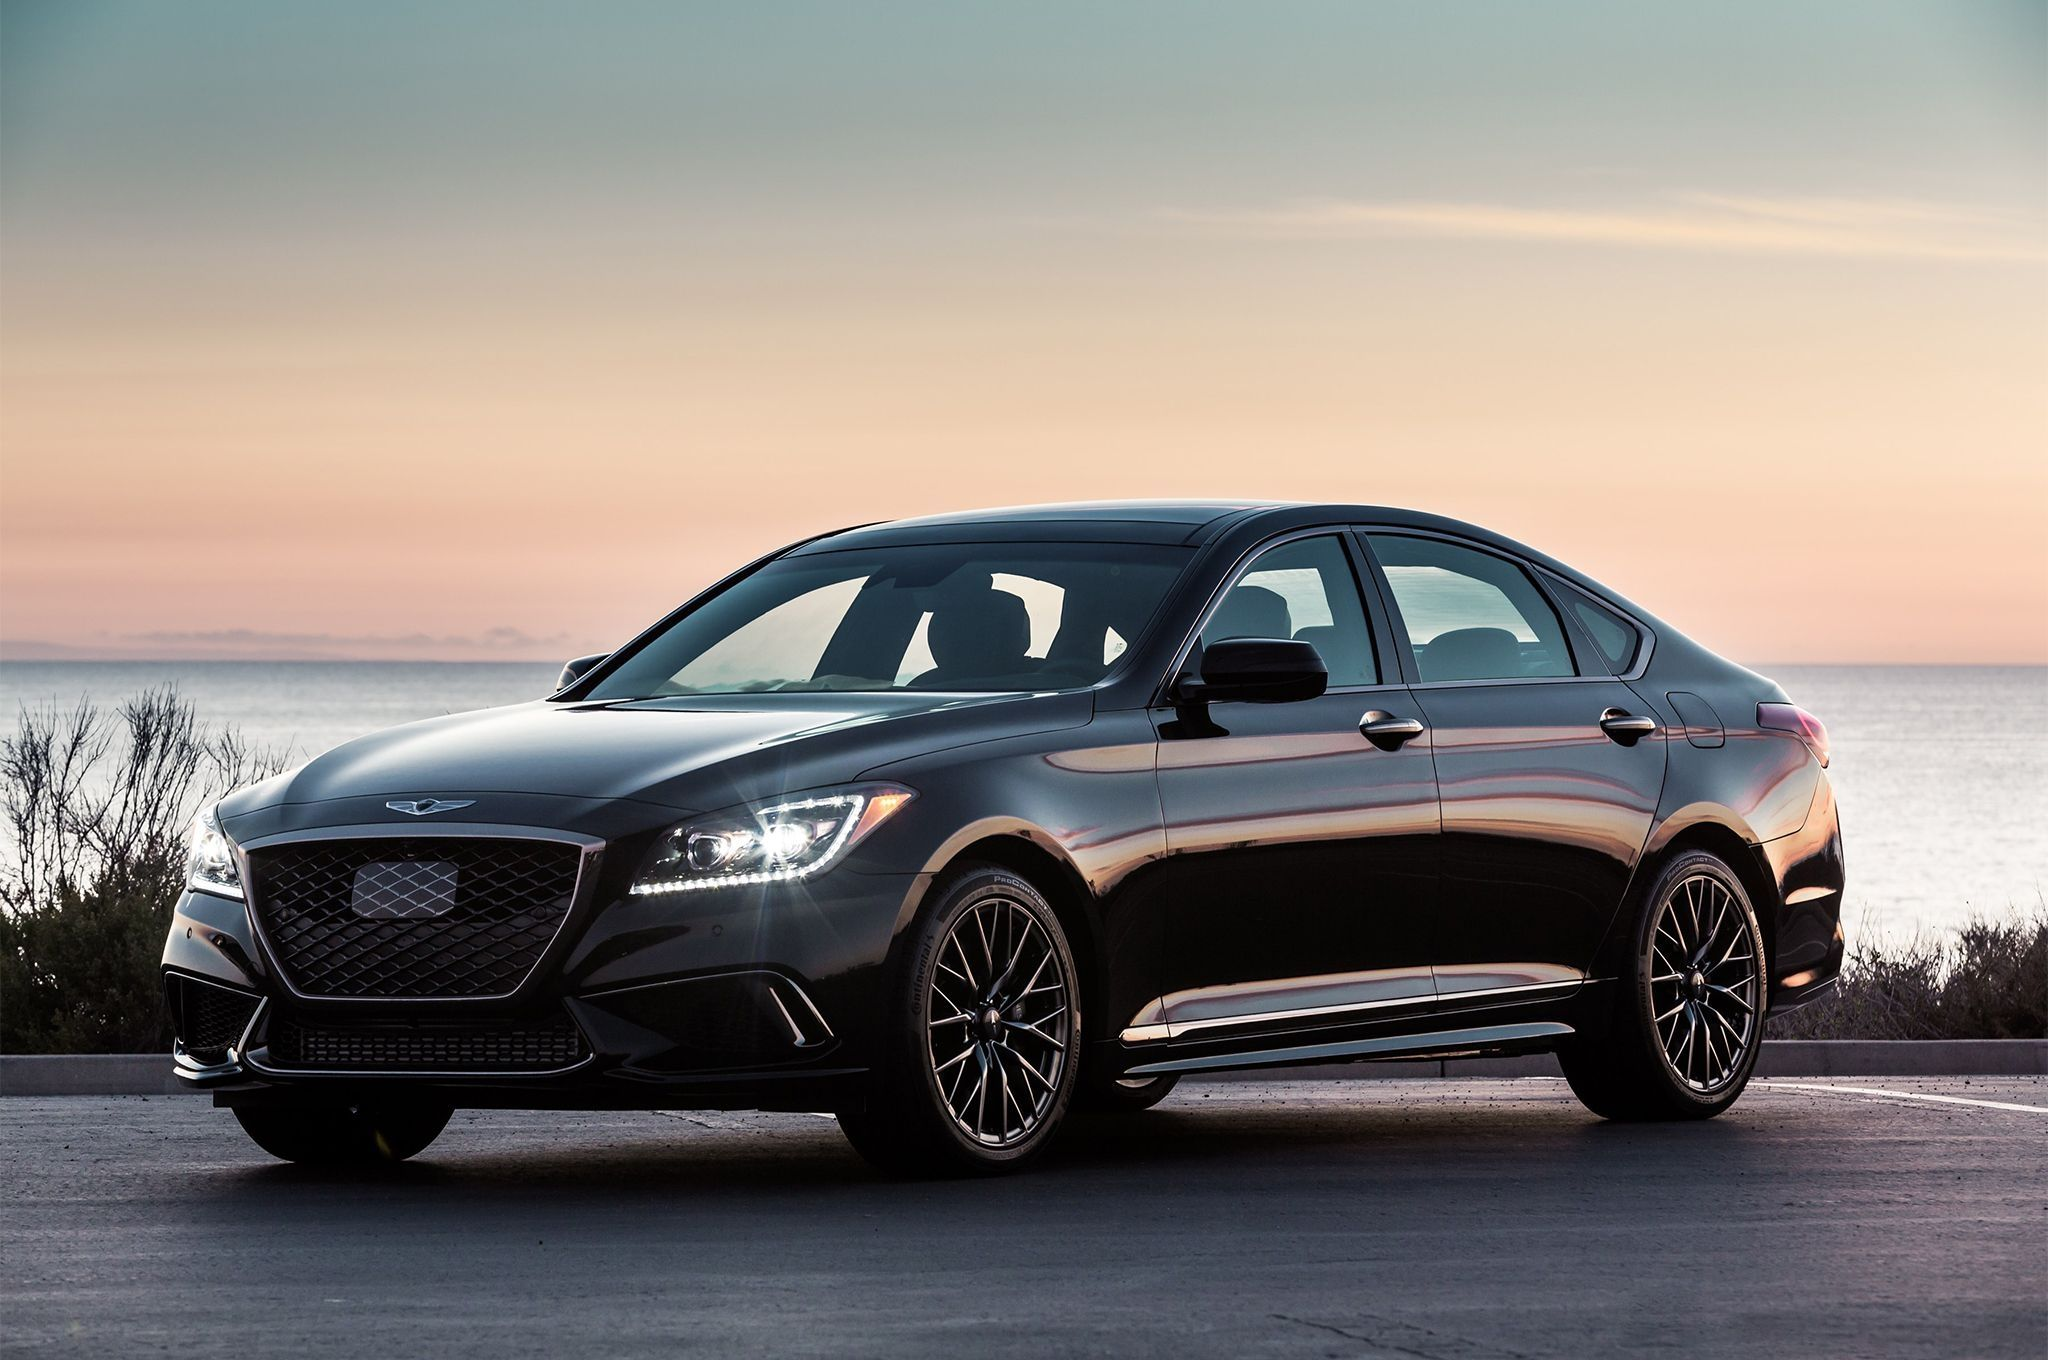 The 2018 Hyundai Genesis Concept Best New Cars Hyundai Genesis New Cars